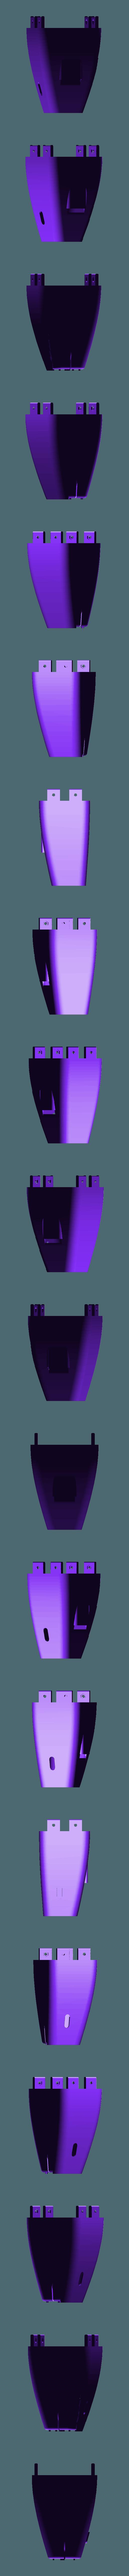 MotorMount_Scaled.stl Télécharger fichier STL gratuit Module HF3D : Plan imprimé 3D • Modèle pour imprimante 3D, FurEter